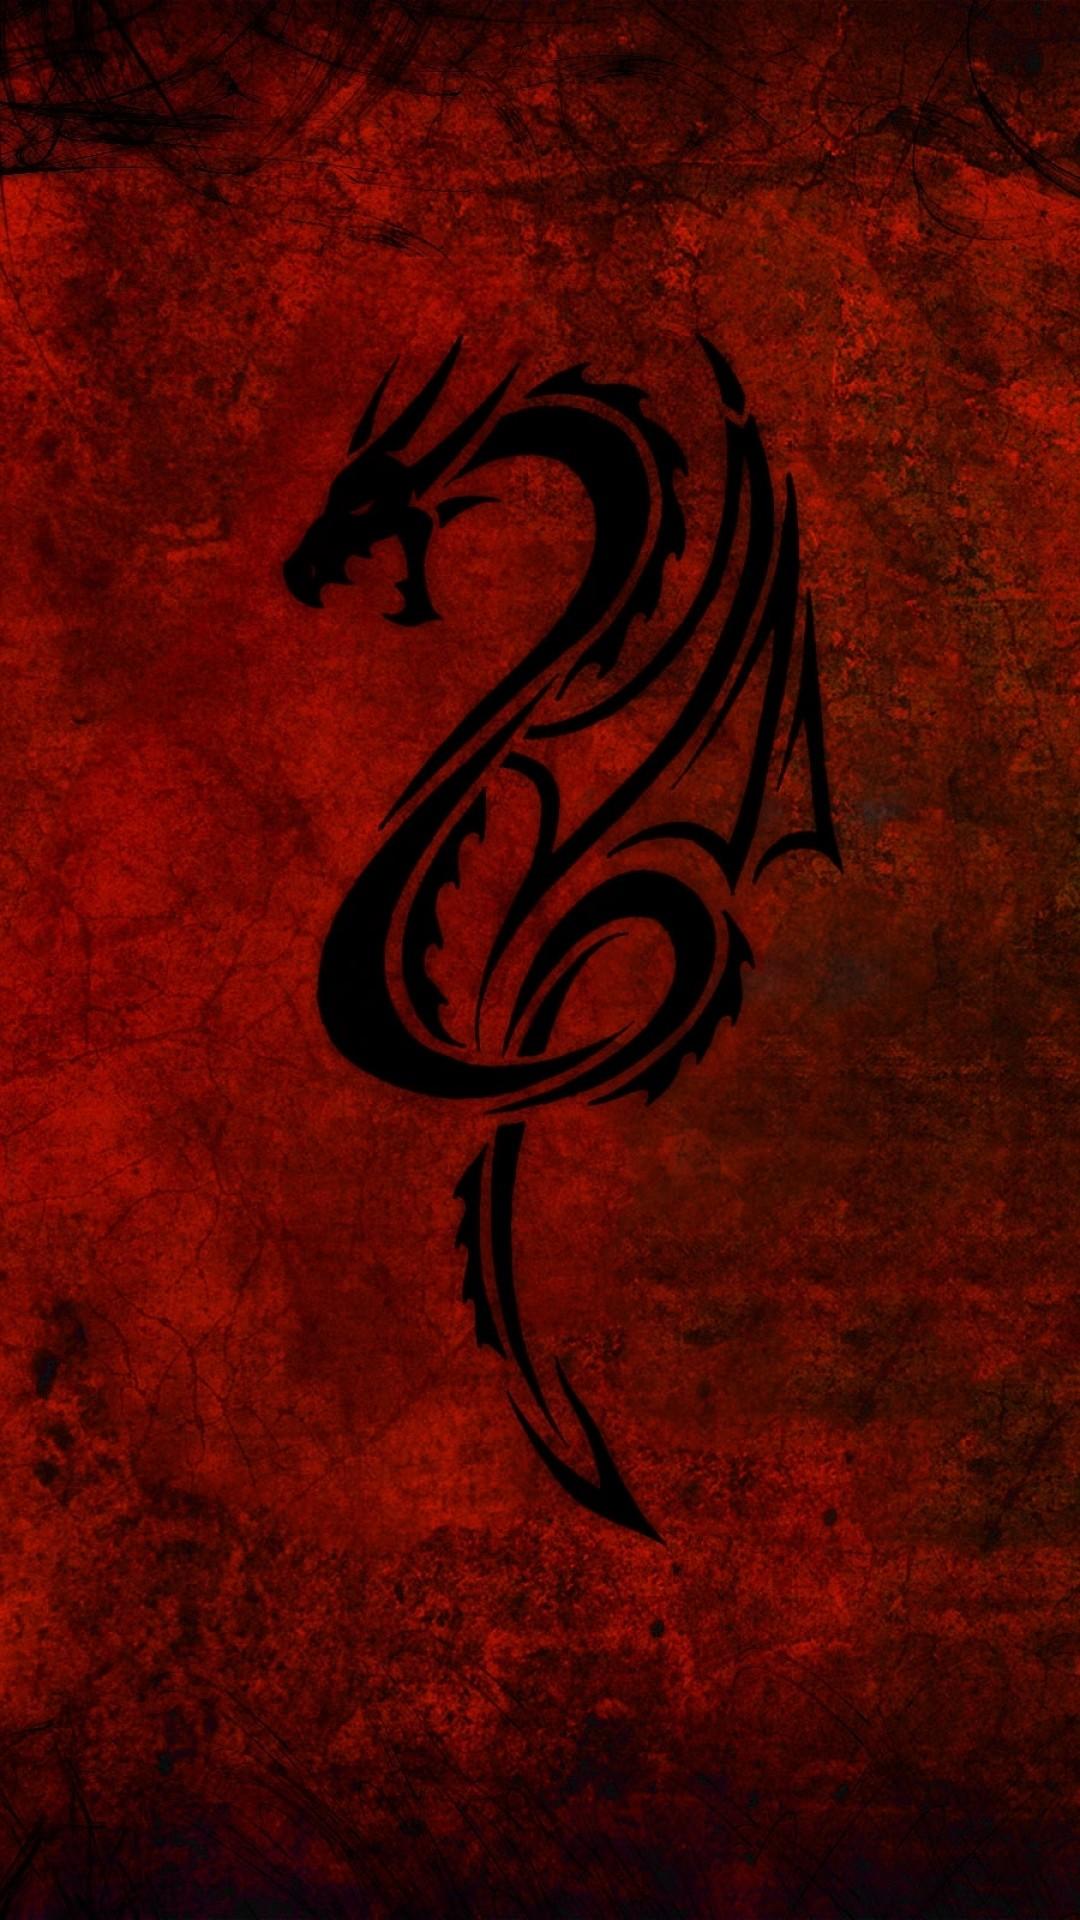 Preview wallpaper dragon, pattern, red, black 1080×1920